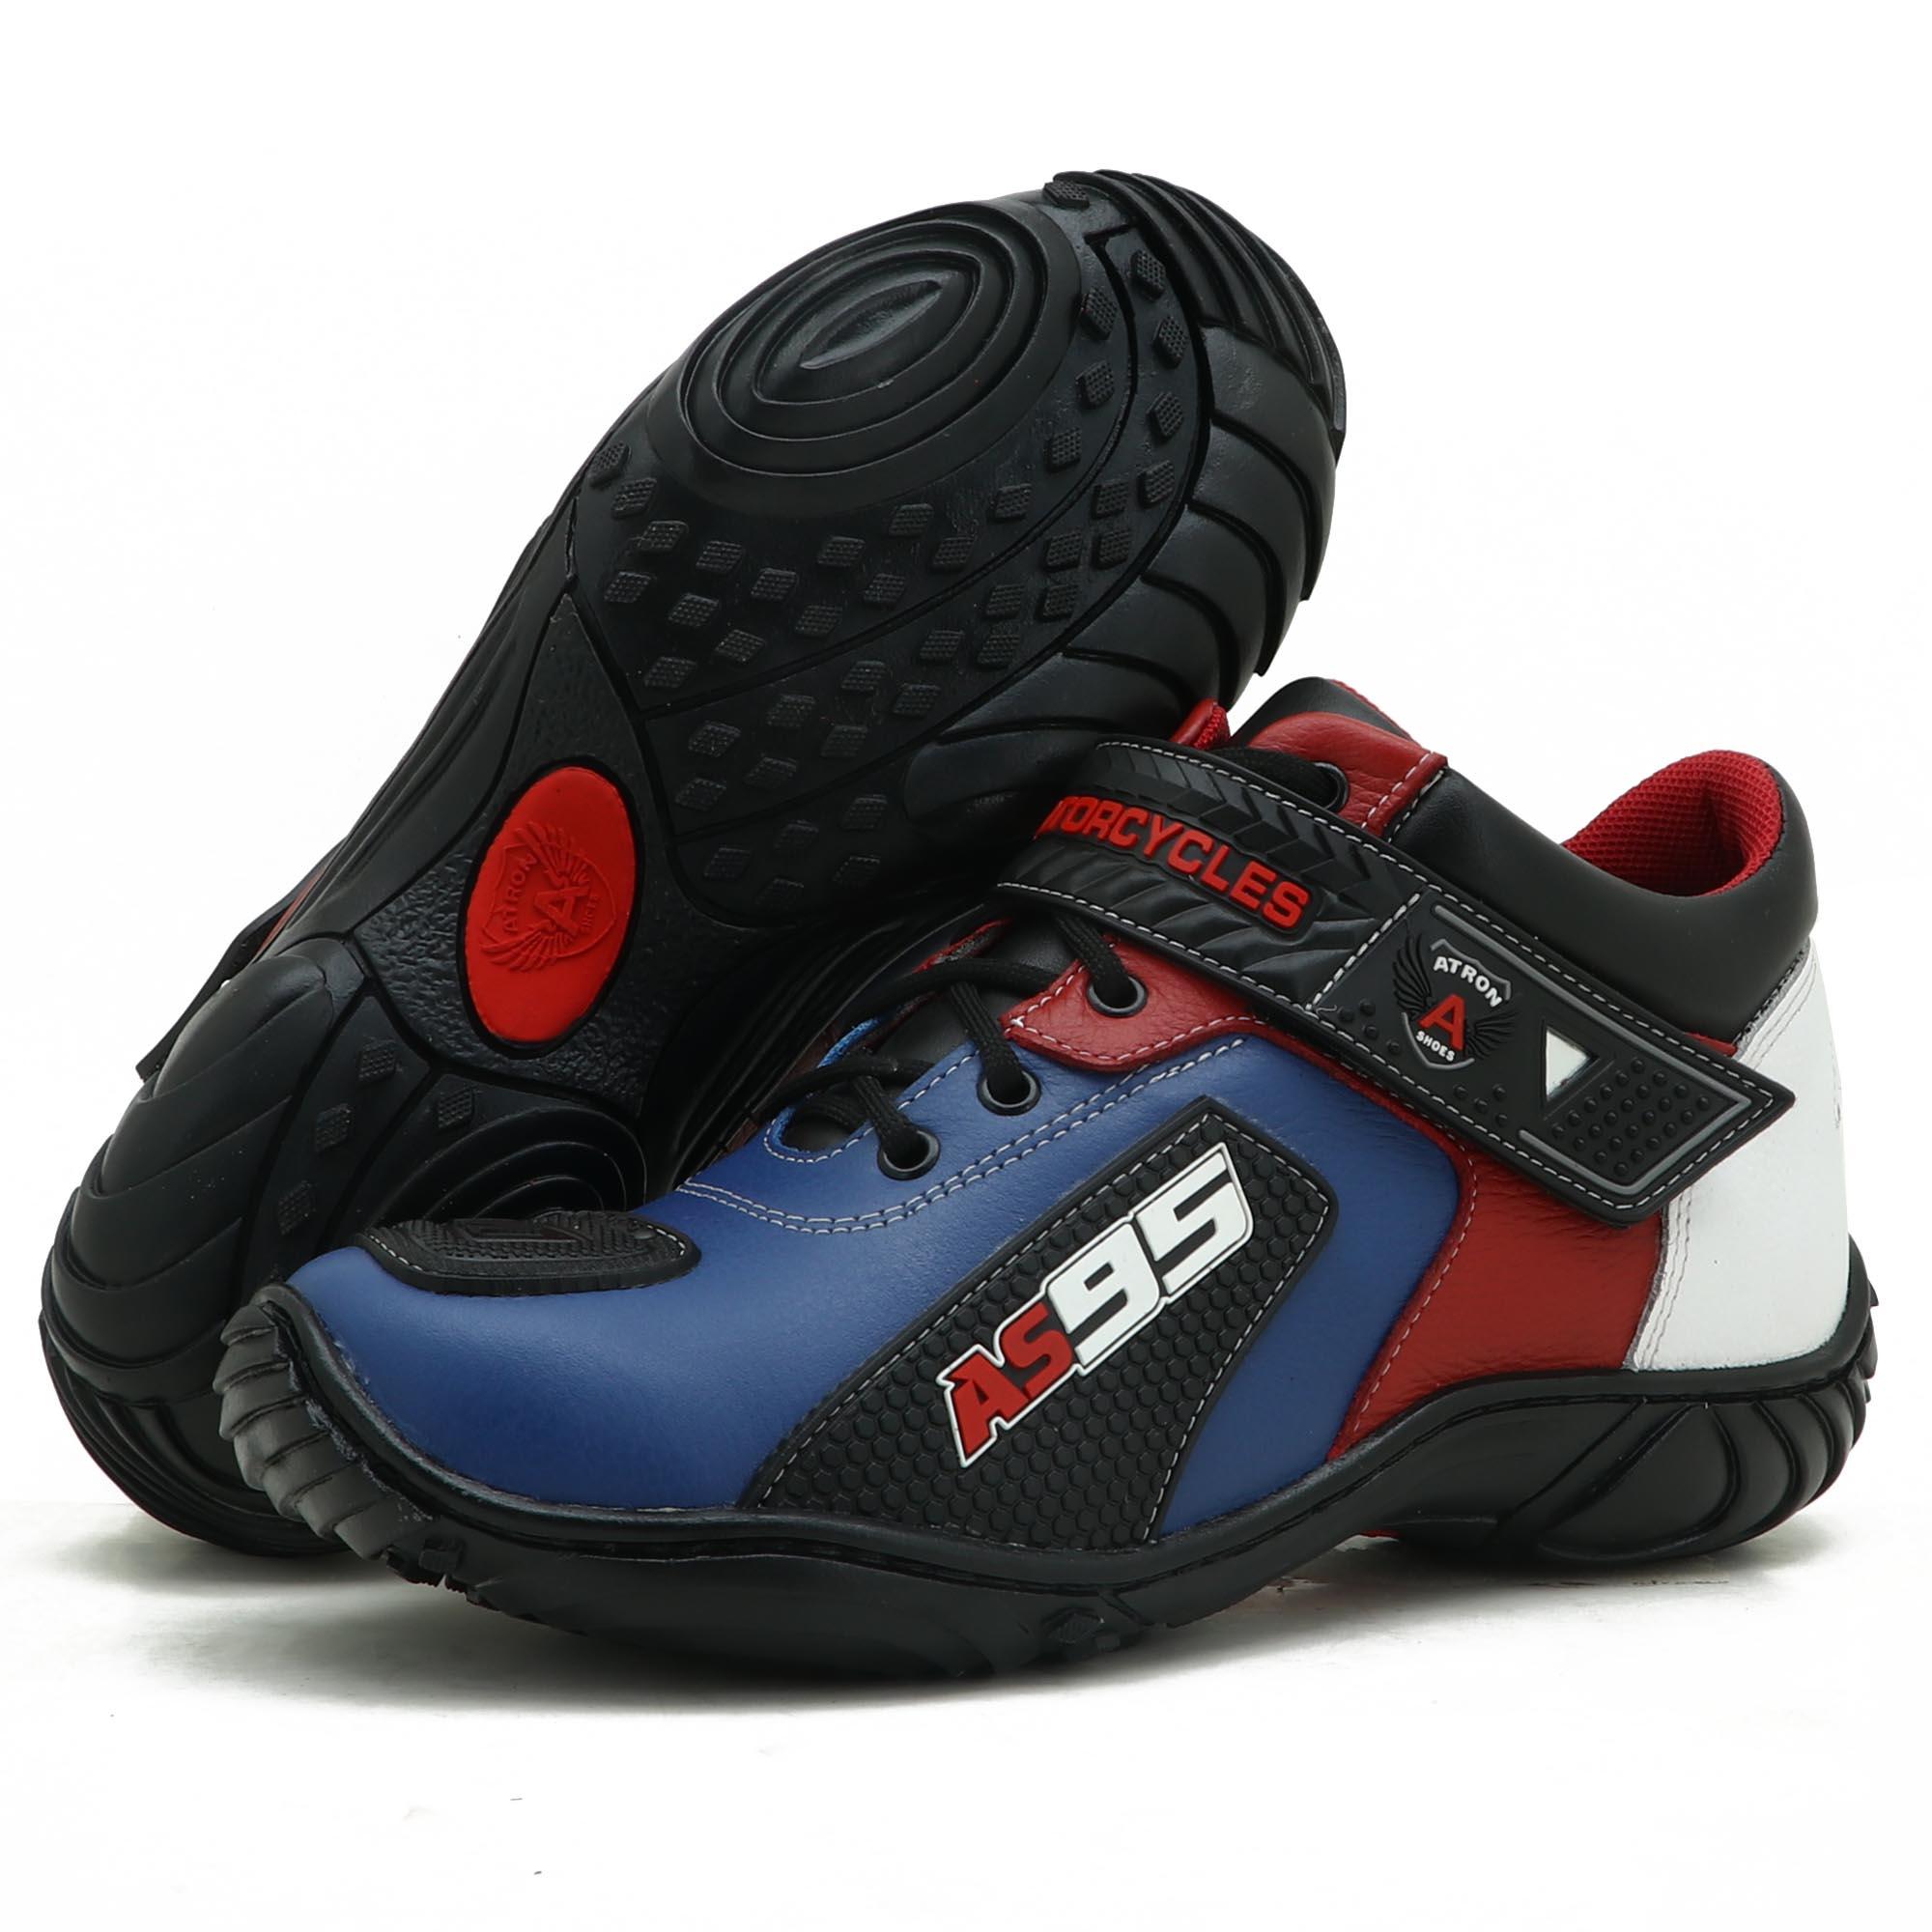 Tênis motociclista AS95 de couro legítimo nas cores azul branco e vermelho 403